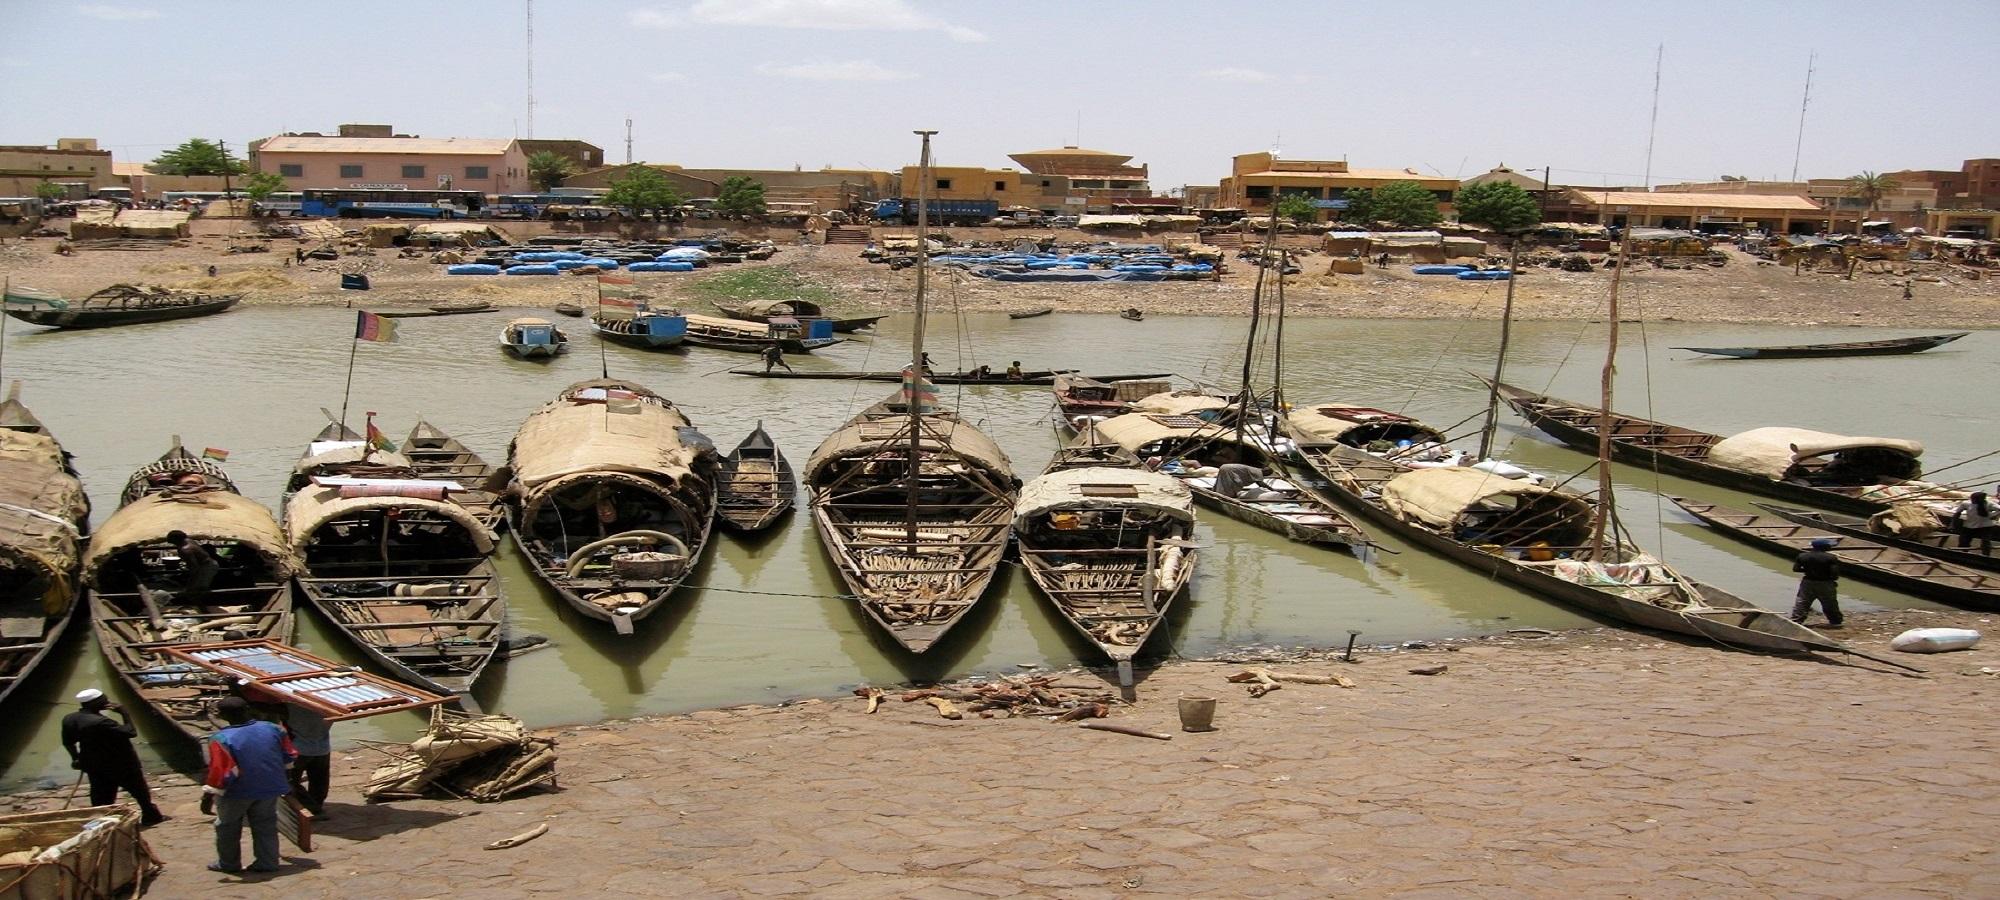 Pourquoi référencer les associations maliennes ?